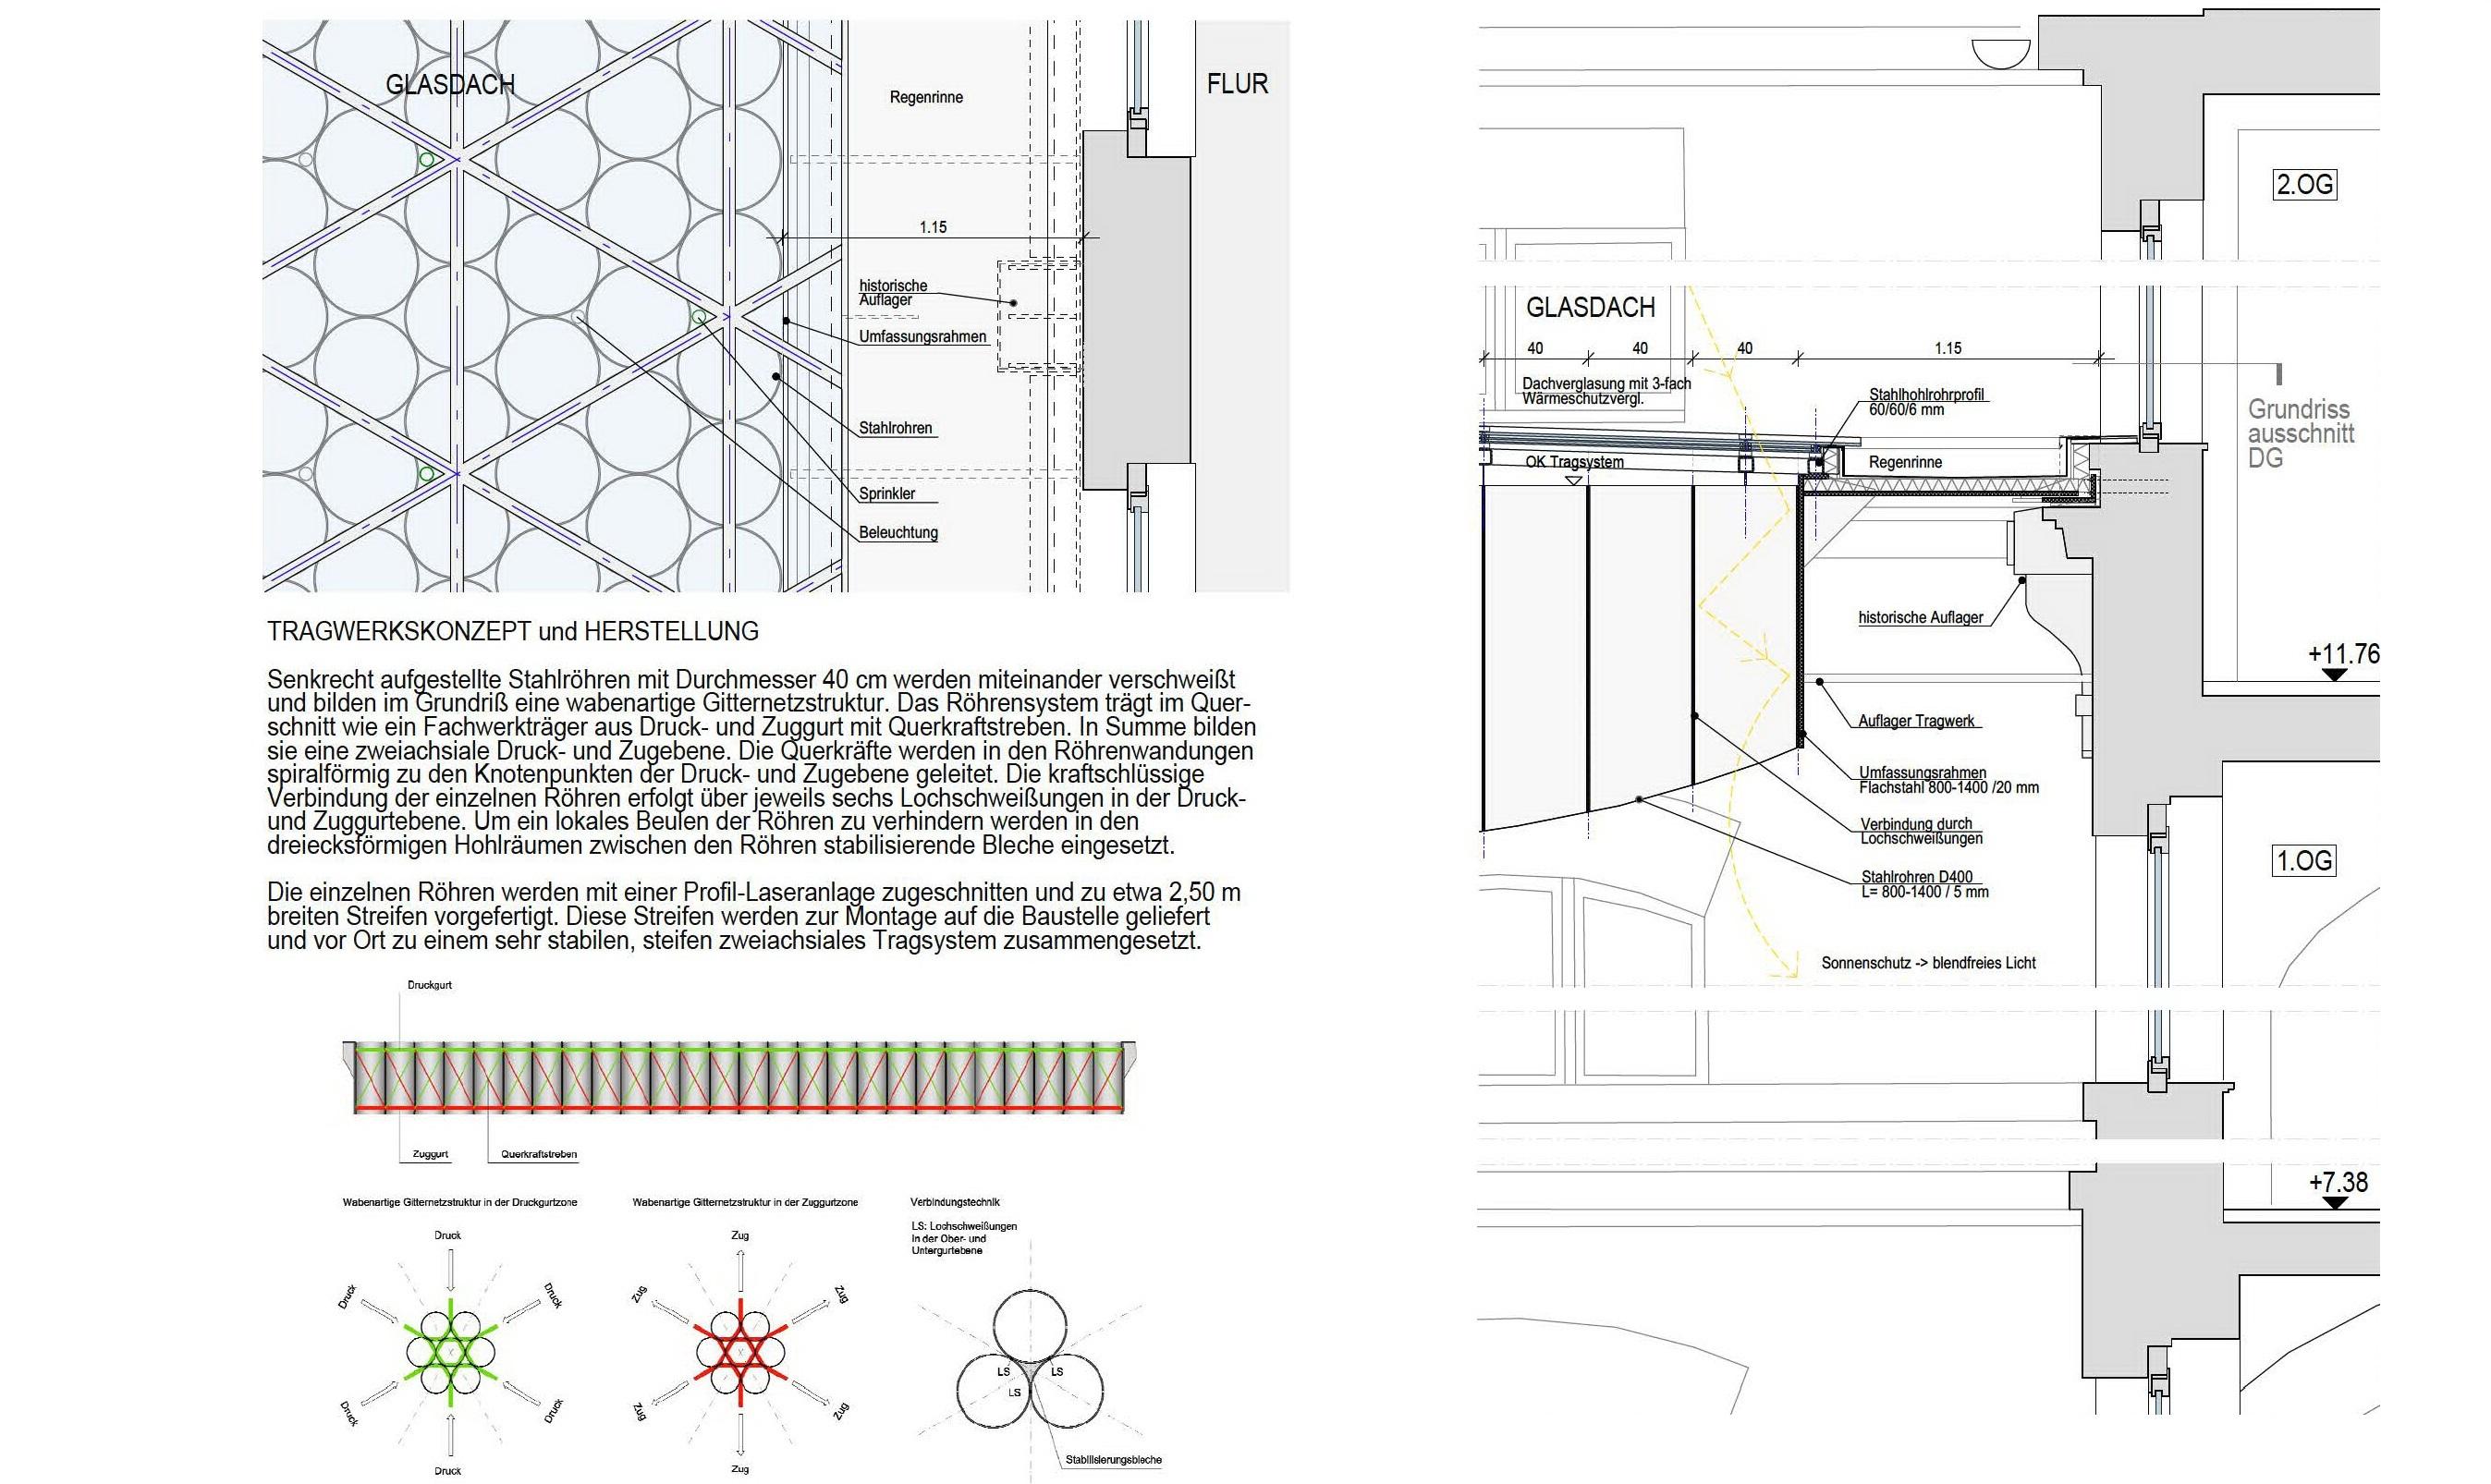 Forum Physik TU Darmstadt 3 - ArGe Architekten